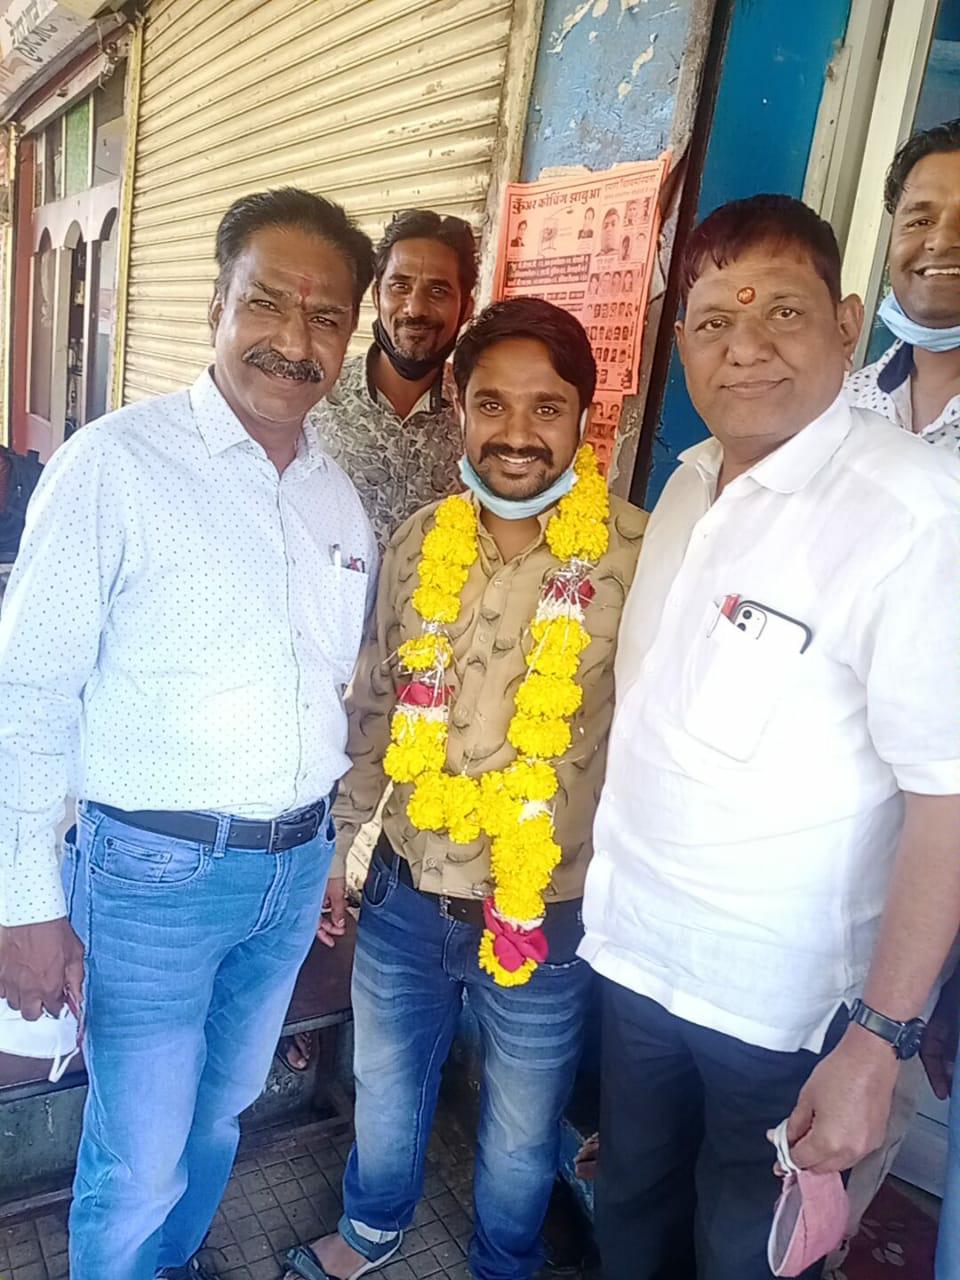 Jhabua News-शक्ति सिंह देवड़ा युवा प्रकोष्ठ जिला अध्यक्ष झाबुआ मनोनीत